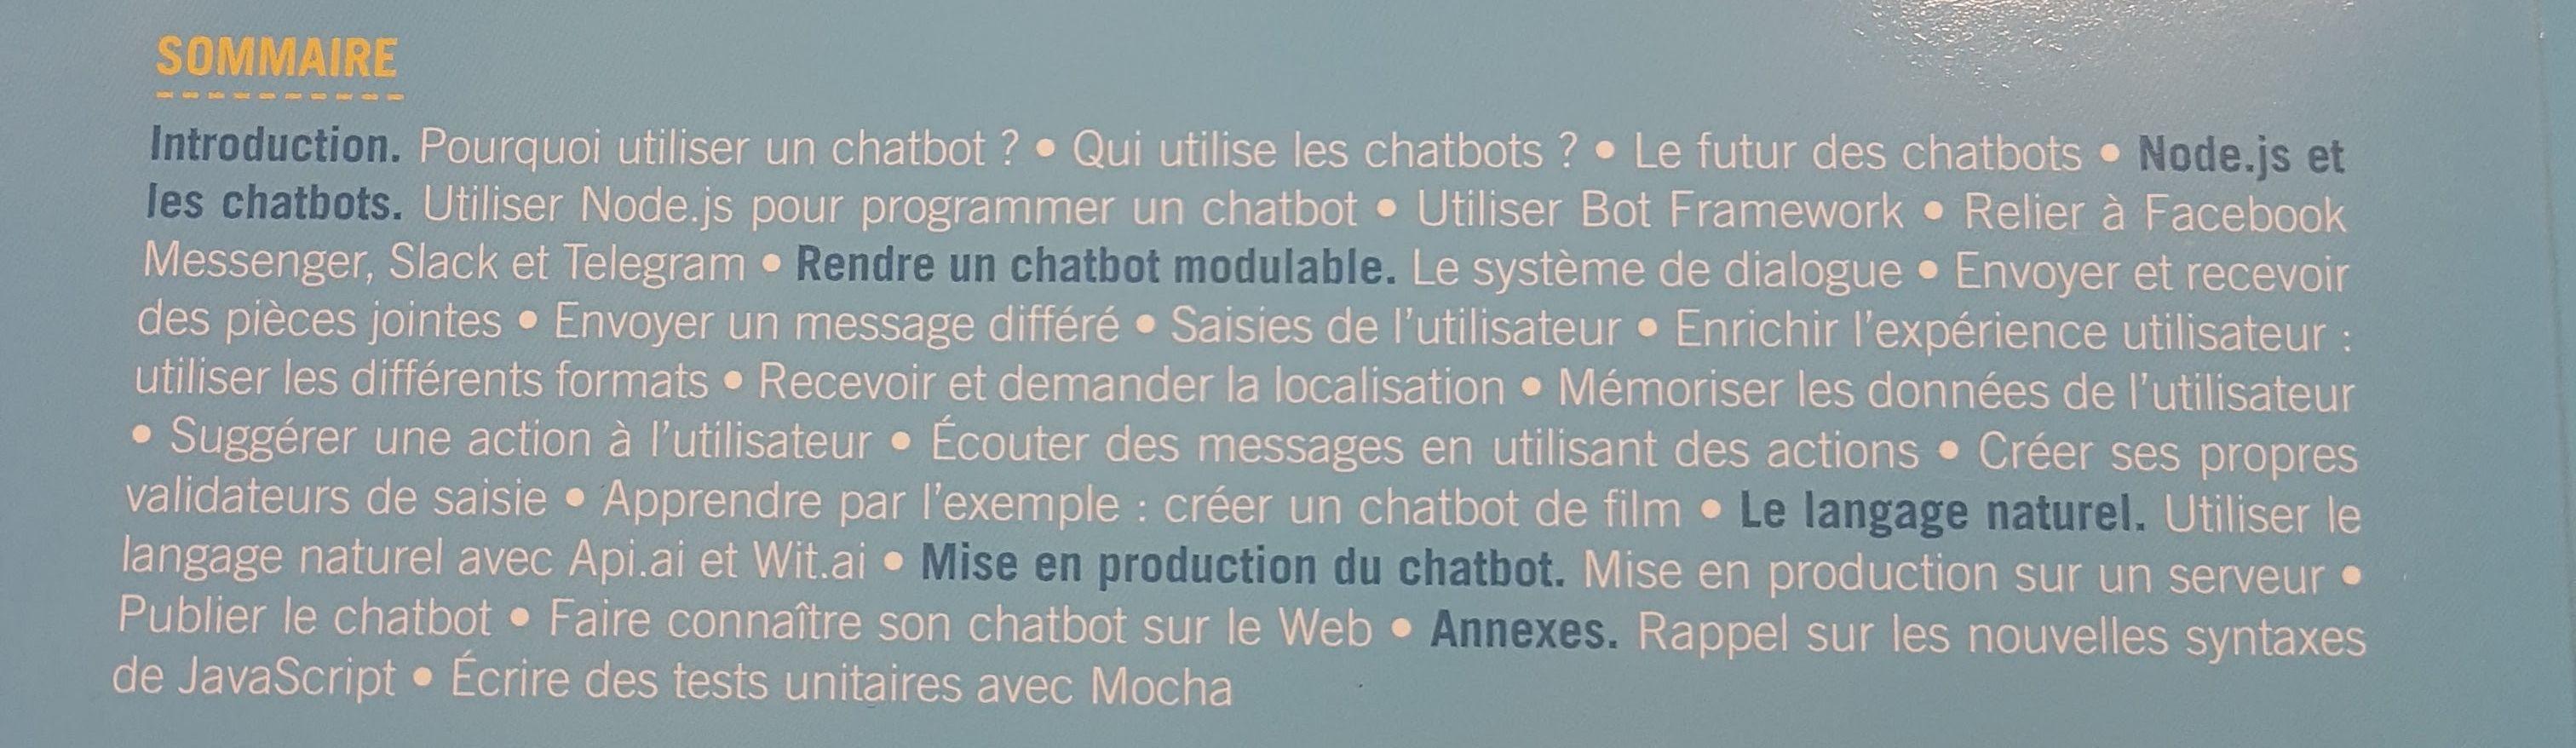 Le sommaire de Comprendre et développer un ChatBot